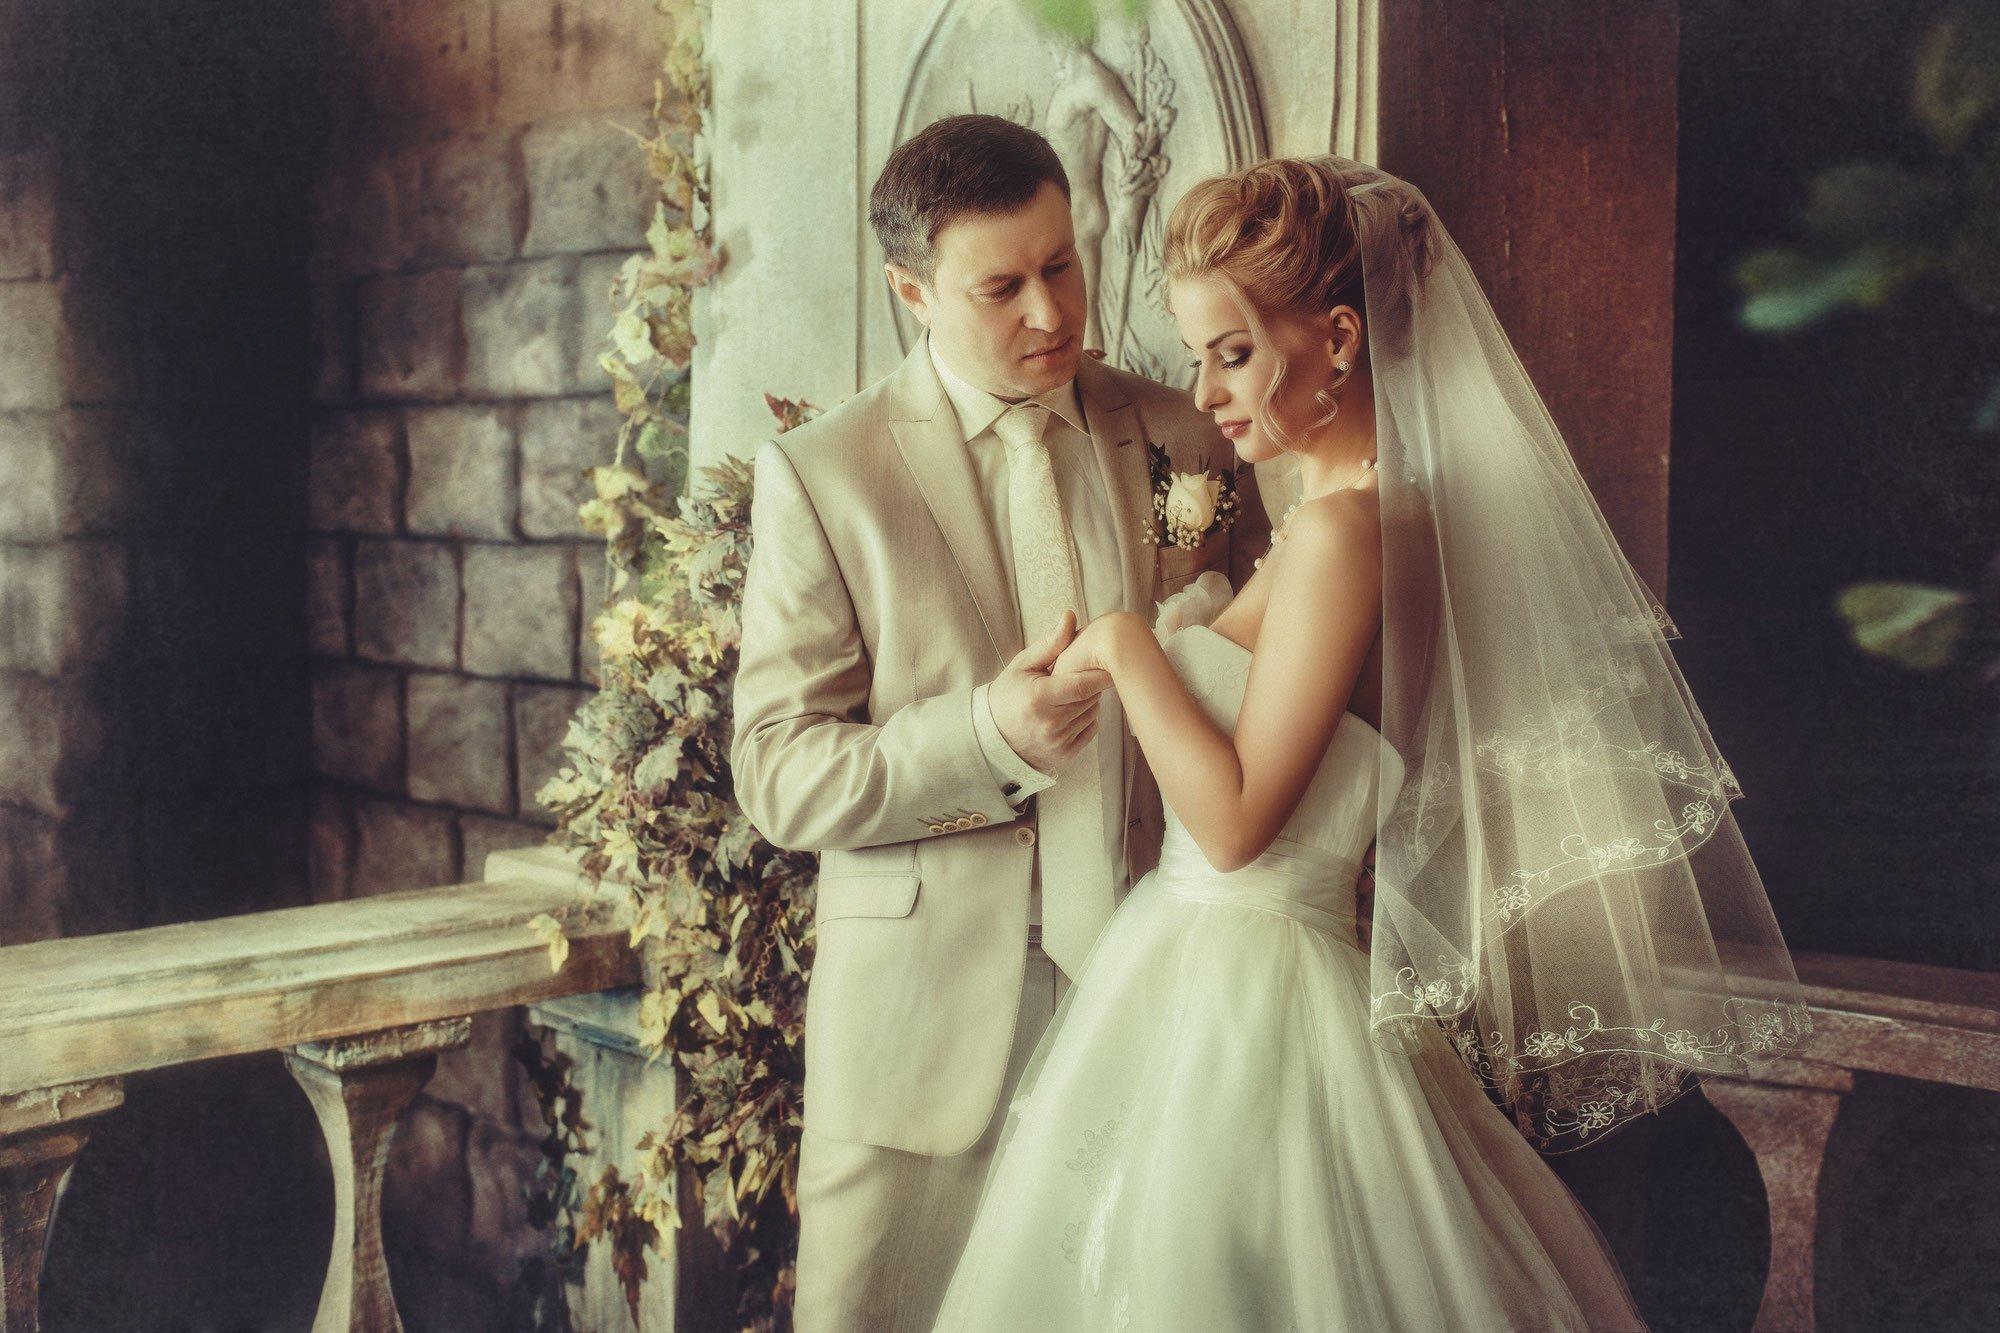 где обработать свадебные фотографии ростов месхи разводе